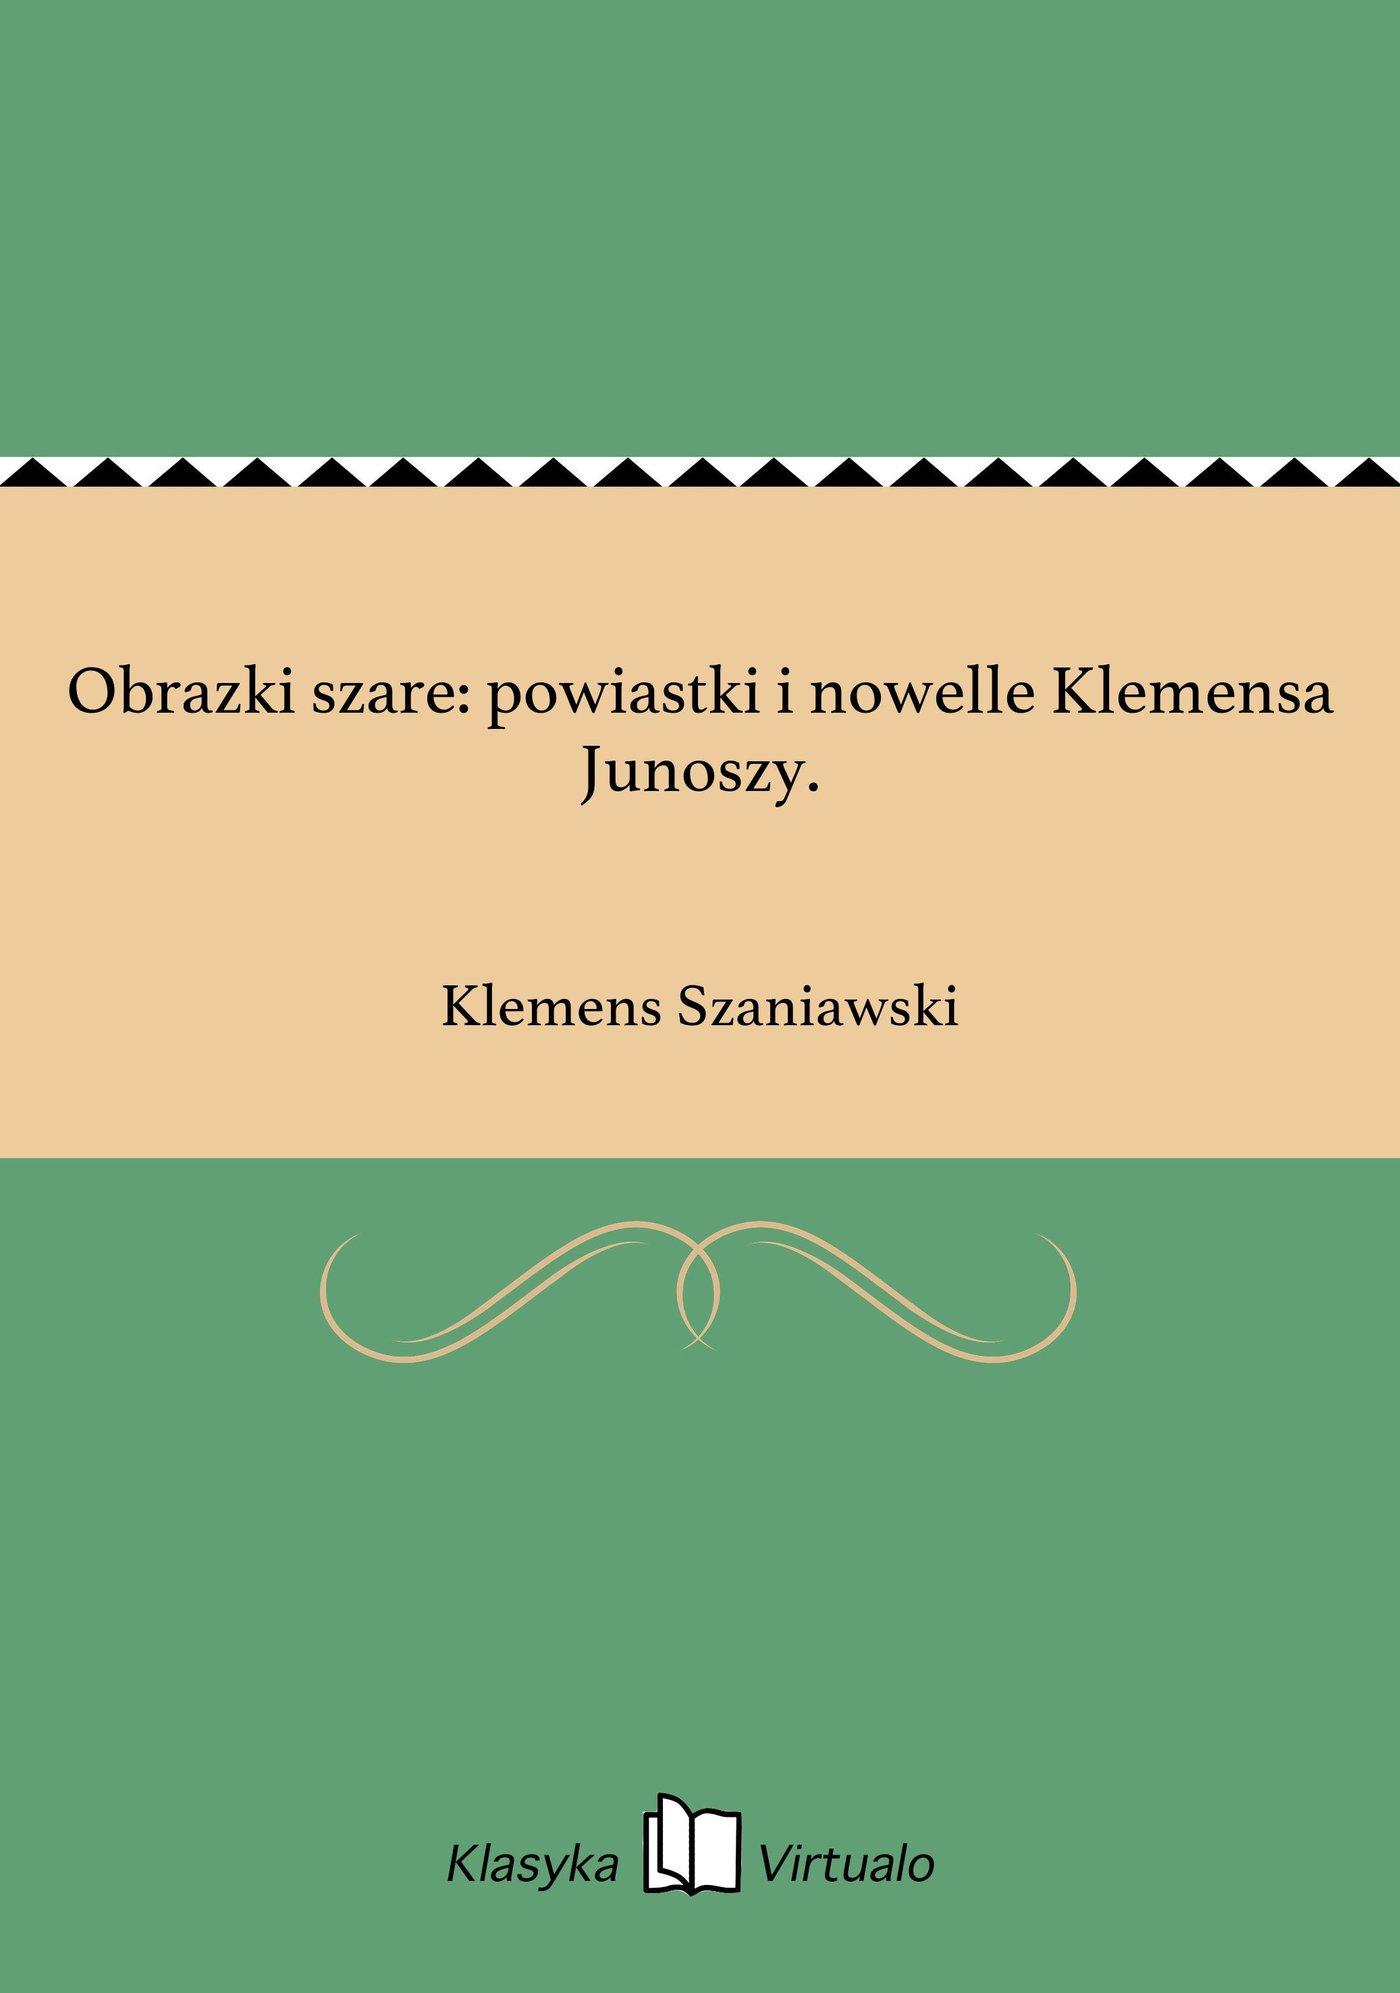 Obrazki szare: powiastki i nowelle Klemensa Junoszy. - Ebook (Książka EPUB) do pobrania w formacie EPUB